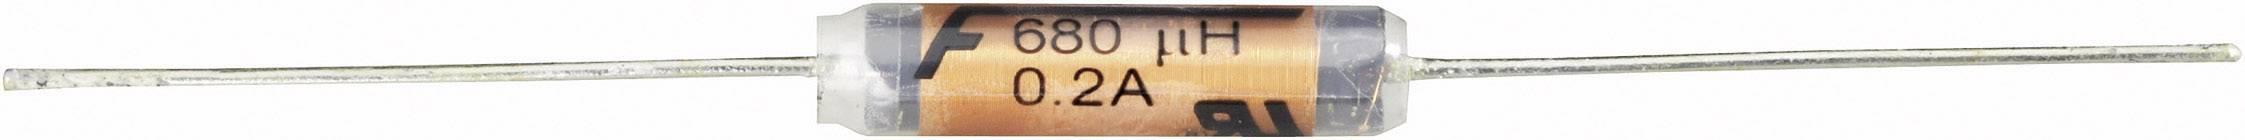 Cievka axiálne vývody Fastron MESC-560M-01, 56 µH, 1.5 A, 10 %, 1 ks